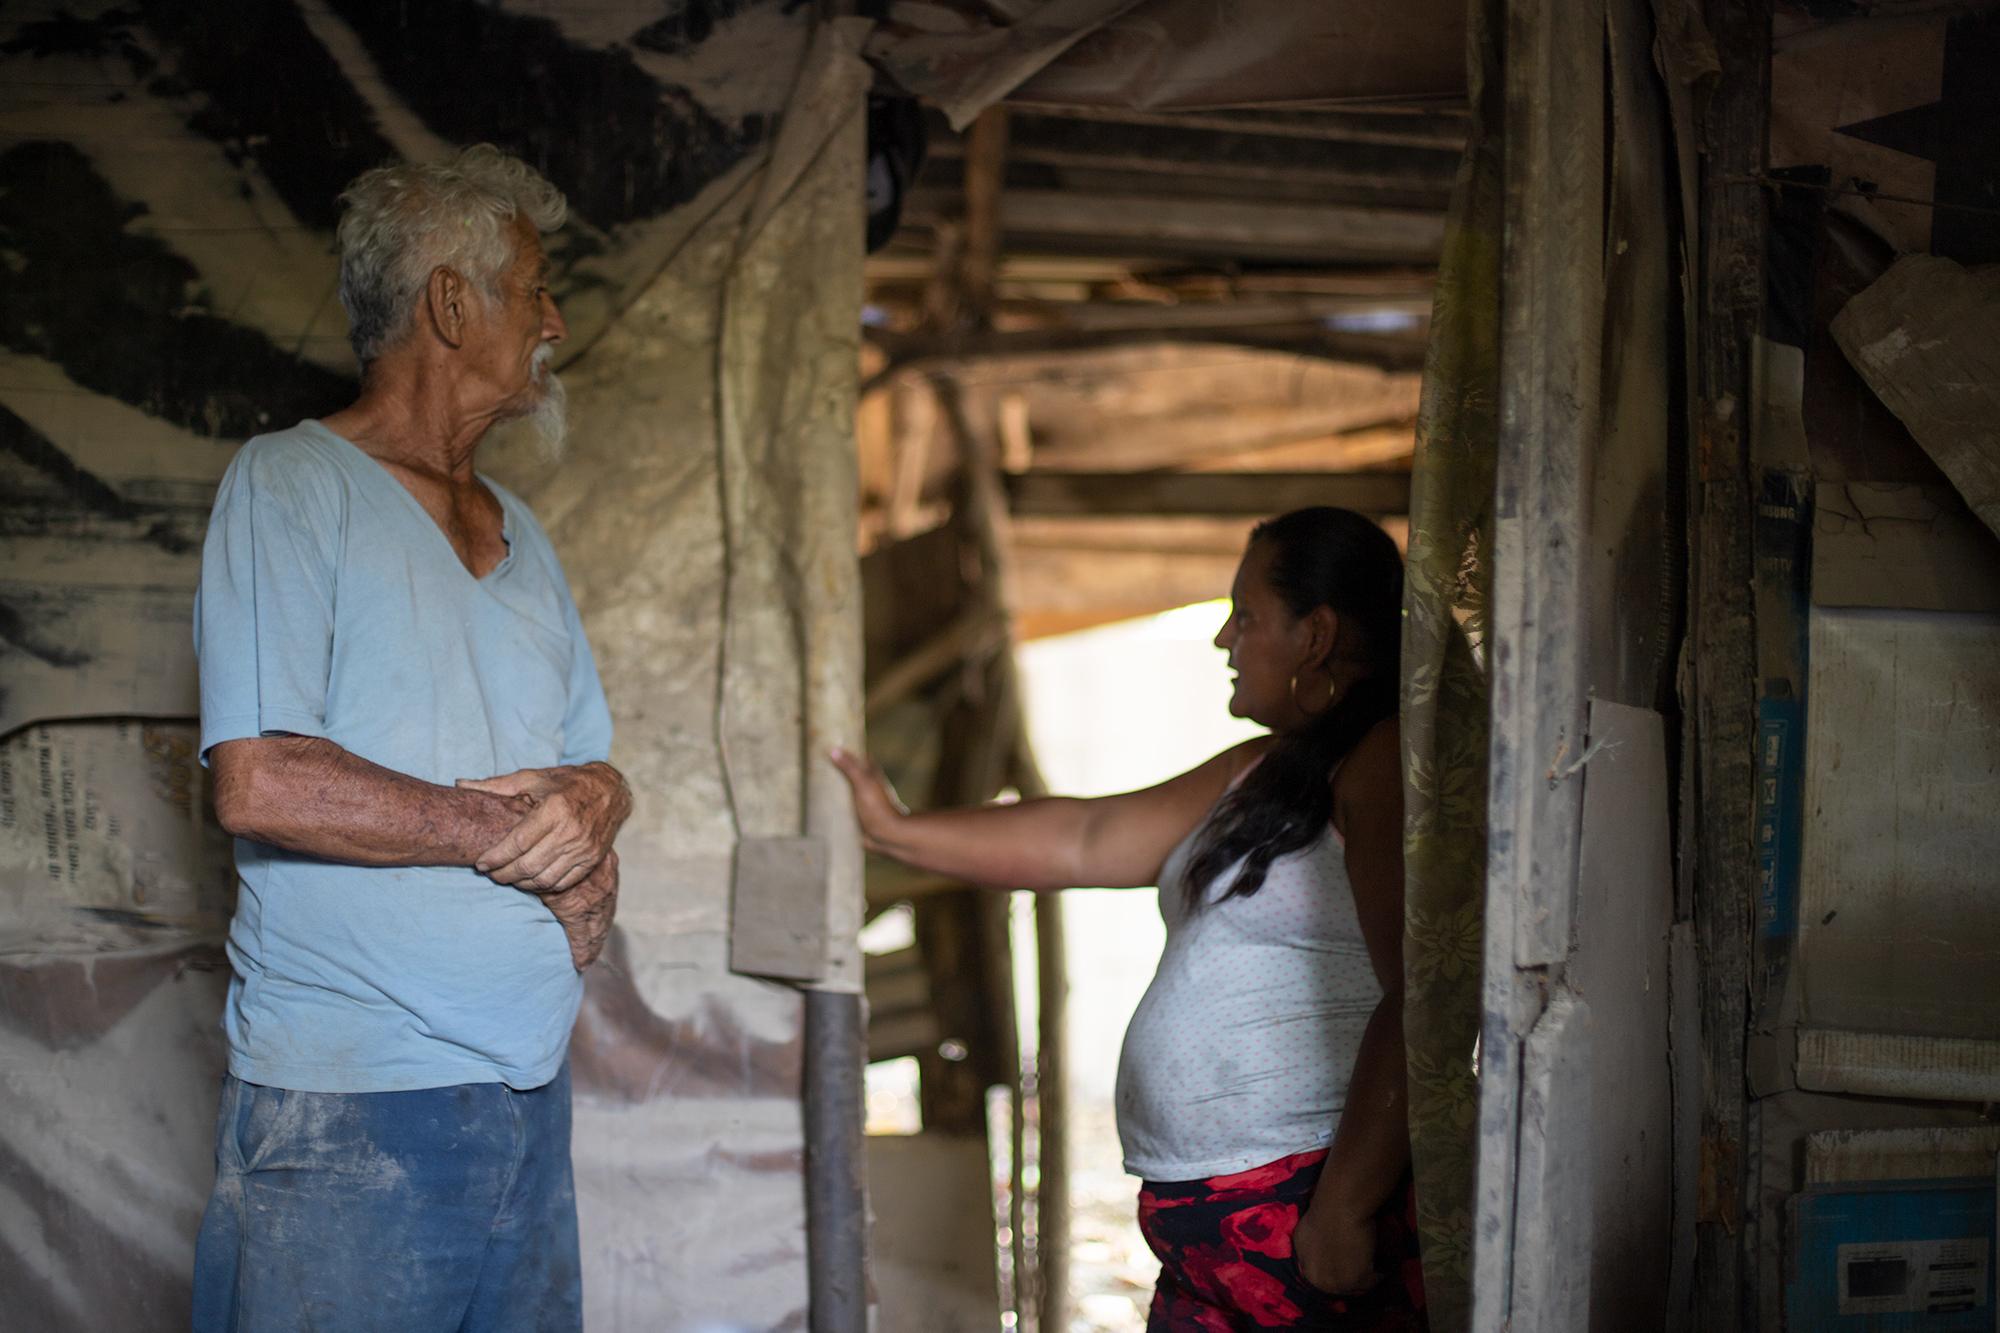 Rey de 72 años conversa con Jenny —esposa de un hijo suyo asesinado hace un año—, vive junto a su pareja de 71 años, esta pareja de ancianos lo perdieron todo. Rey cuenta que  la noche del pasado 4 de noviembre se acostaron creyendo que el agua no iba a llegar hasta su casa, pero en la madrugada del 5 de noviembre el agua invadió su casa y la de sus vecinos en la colonia Canaán del municipio de La Lima y lo perdieron todo. La Lima, Cortés, 13 de noviembre de 2020. Foto: Martín Cálix.